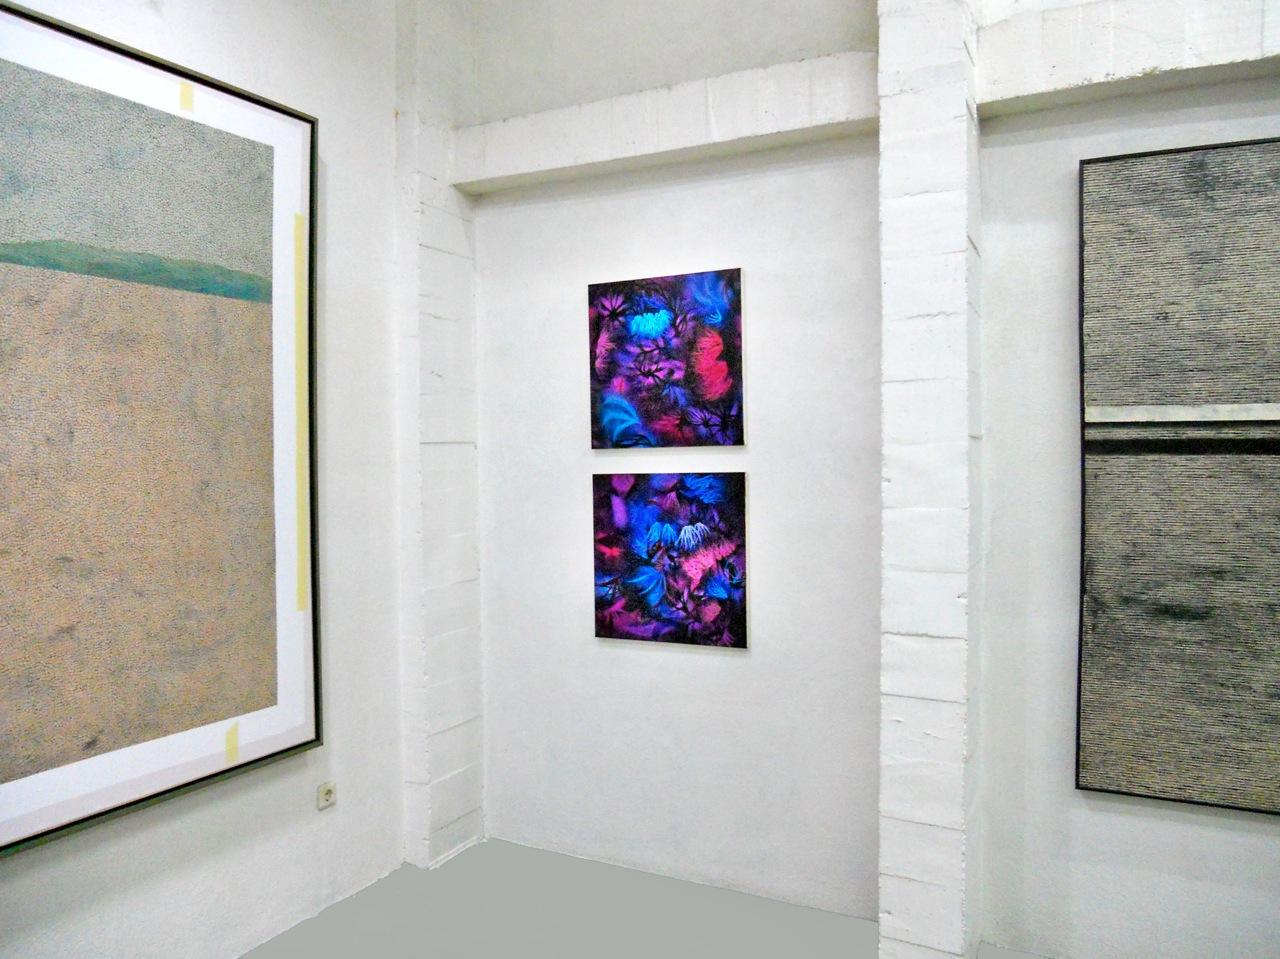 Jumaldi Alfi Victor Angelo M Irfan Paintings